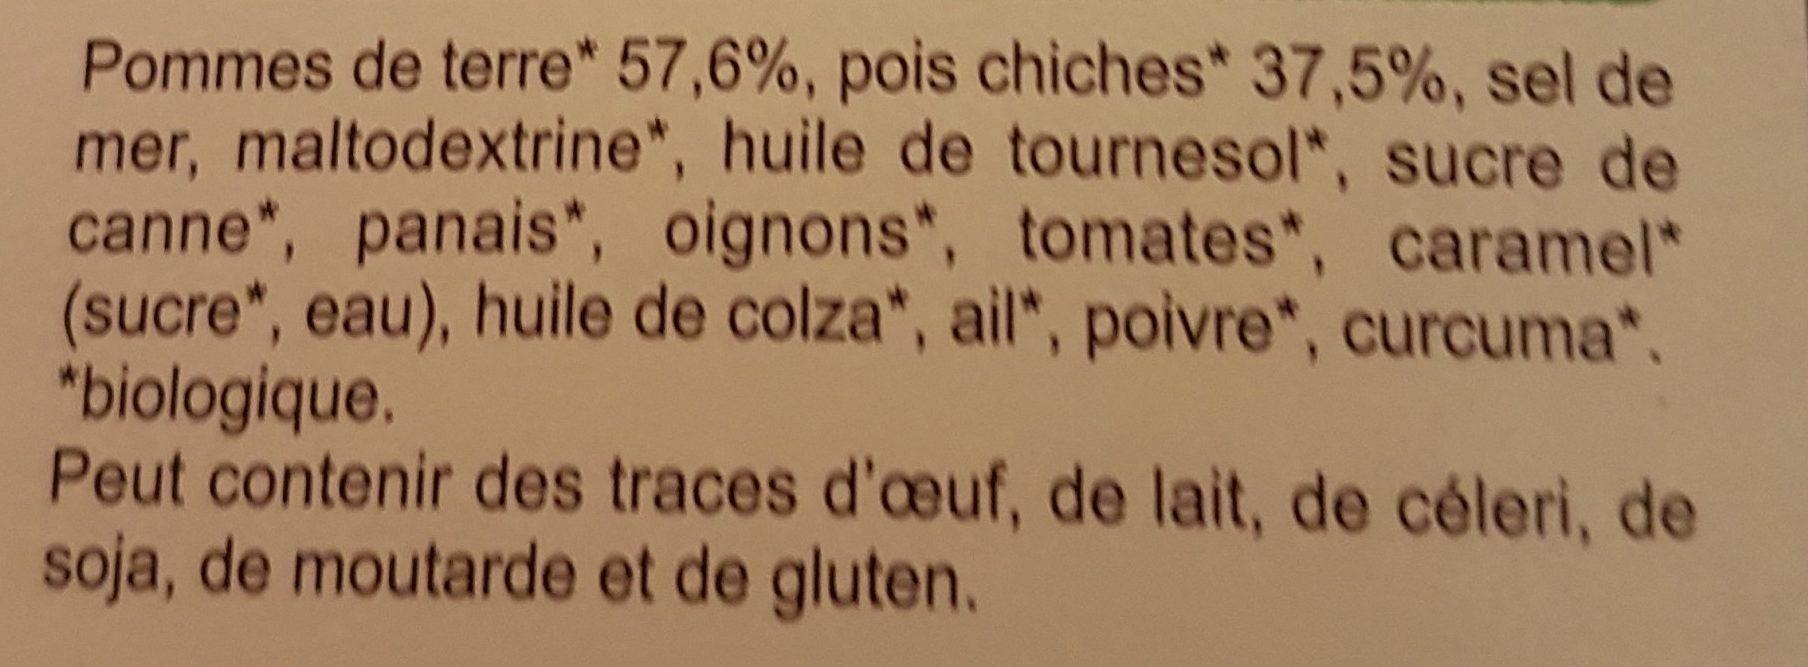 Purée aux Pois Chiches - Ingredients